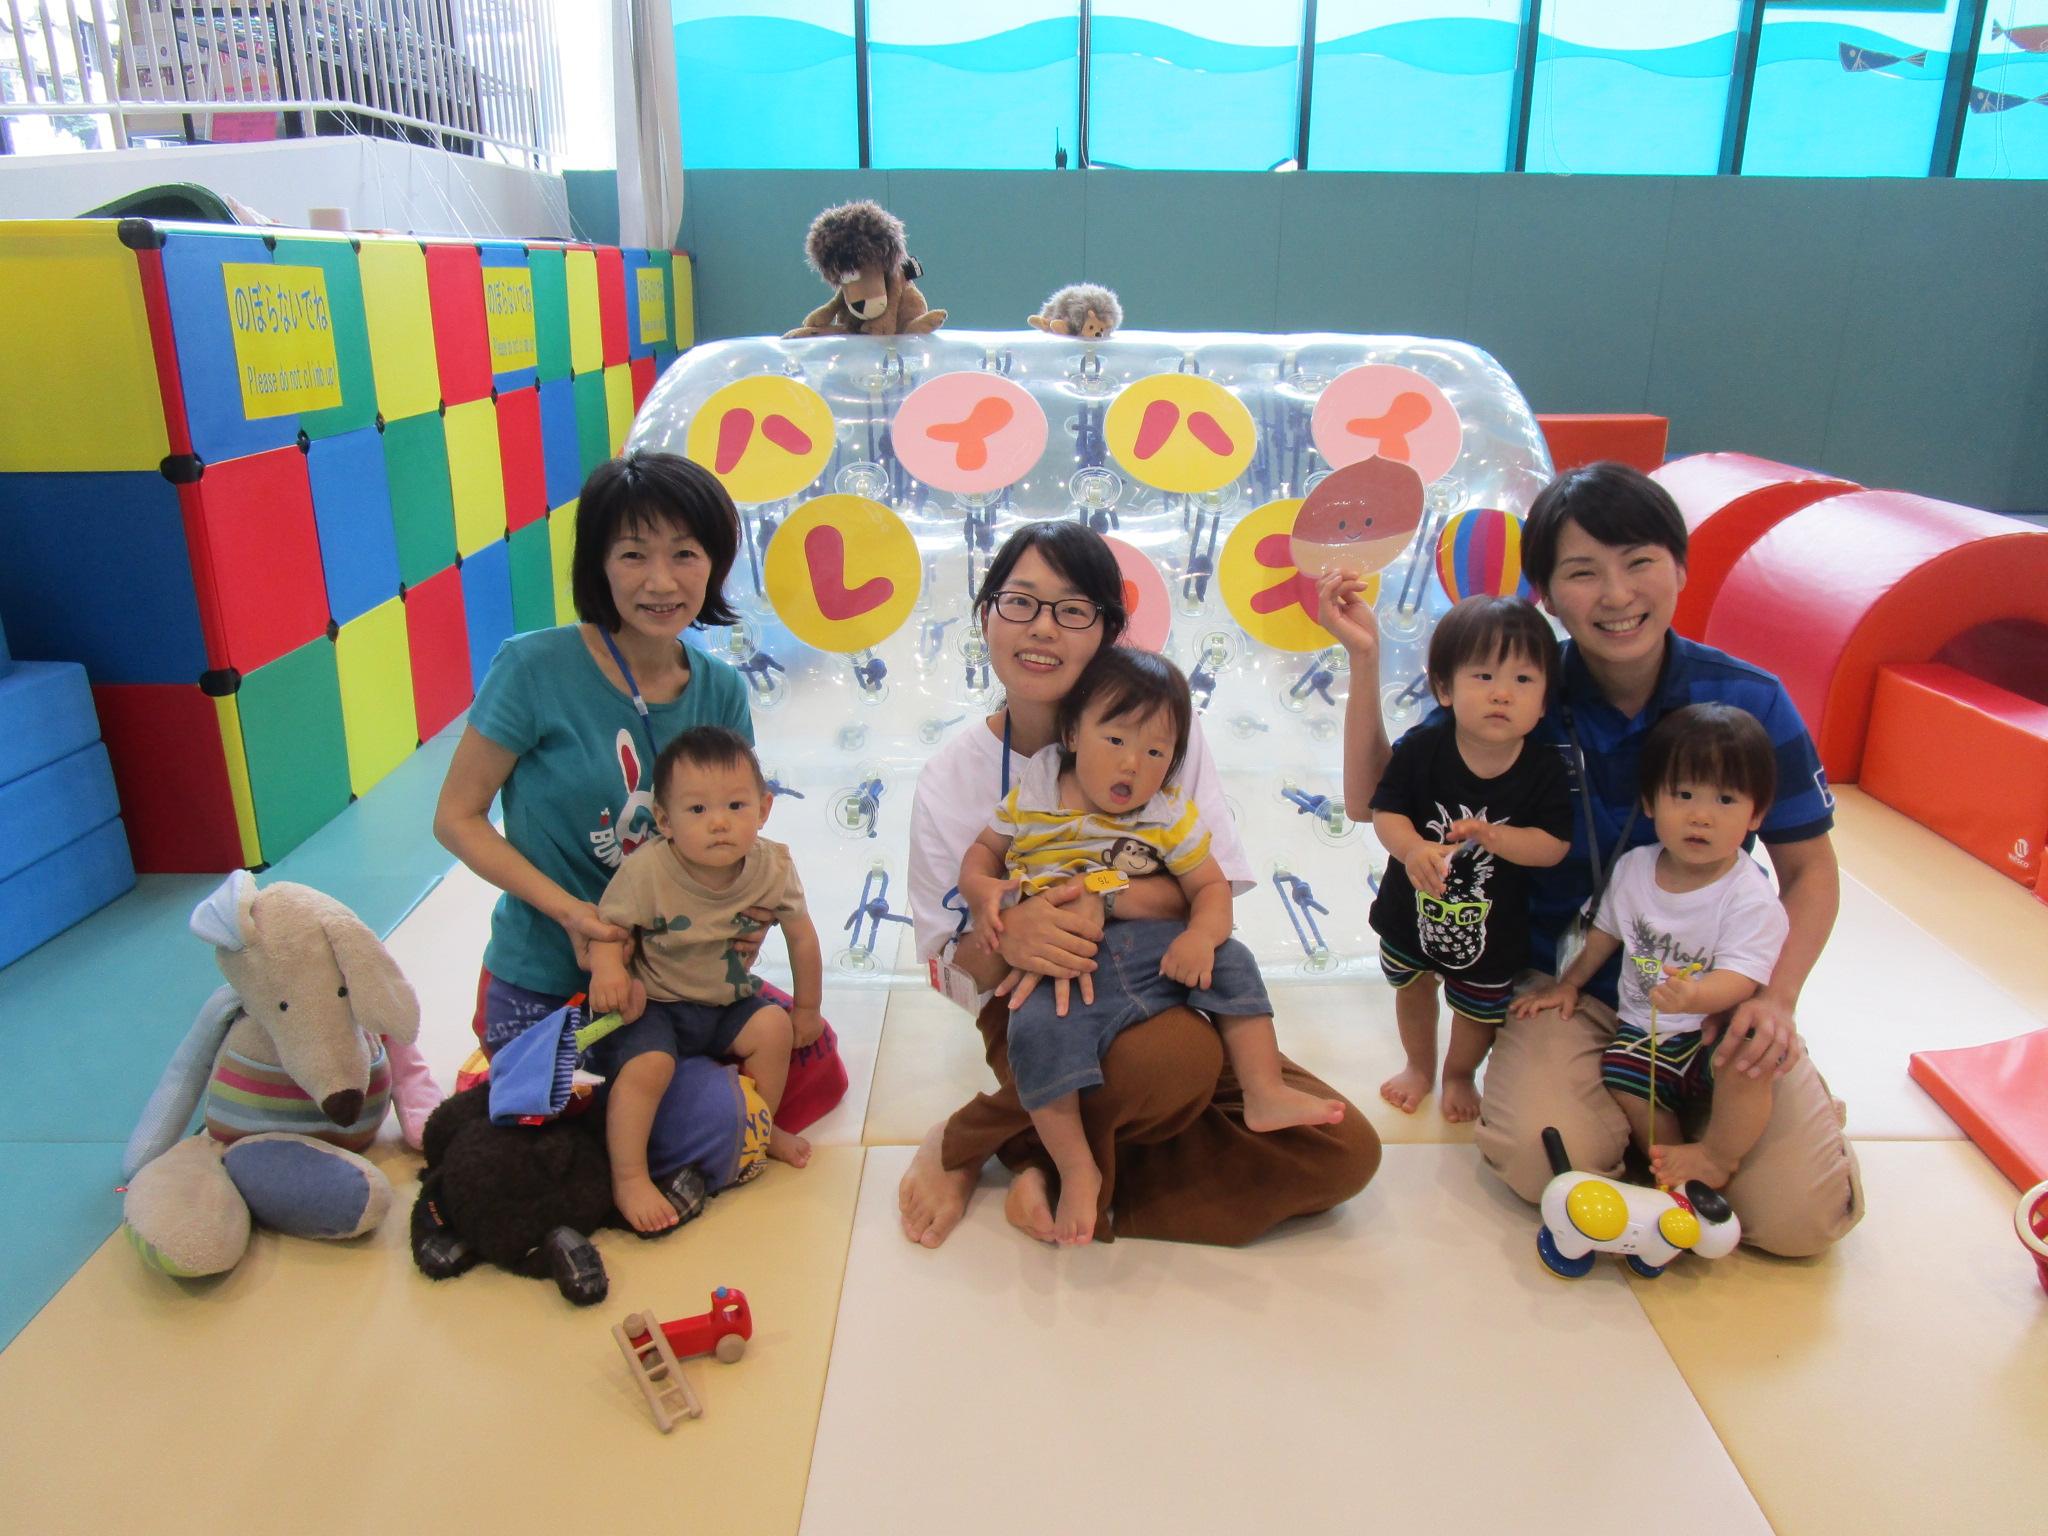 赤ちゃんイベント『ハイハイレース』/『パラバルーンであそぼう!』